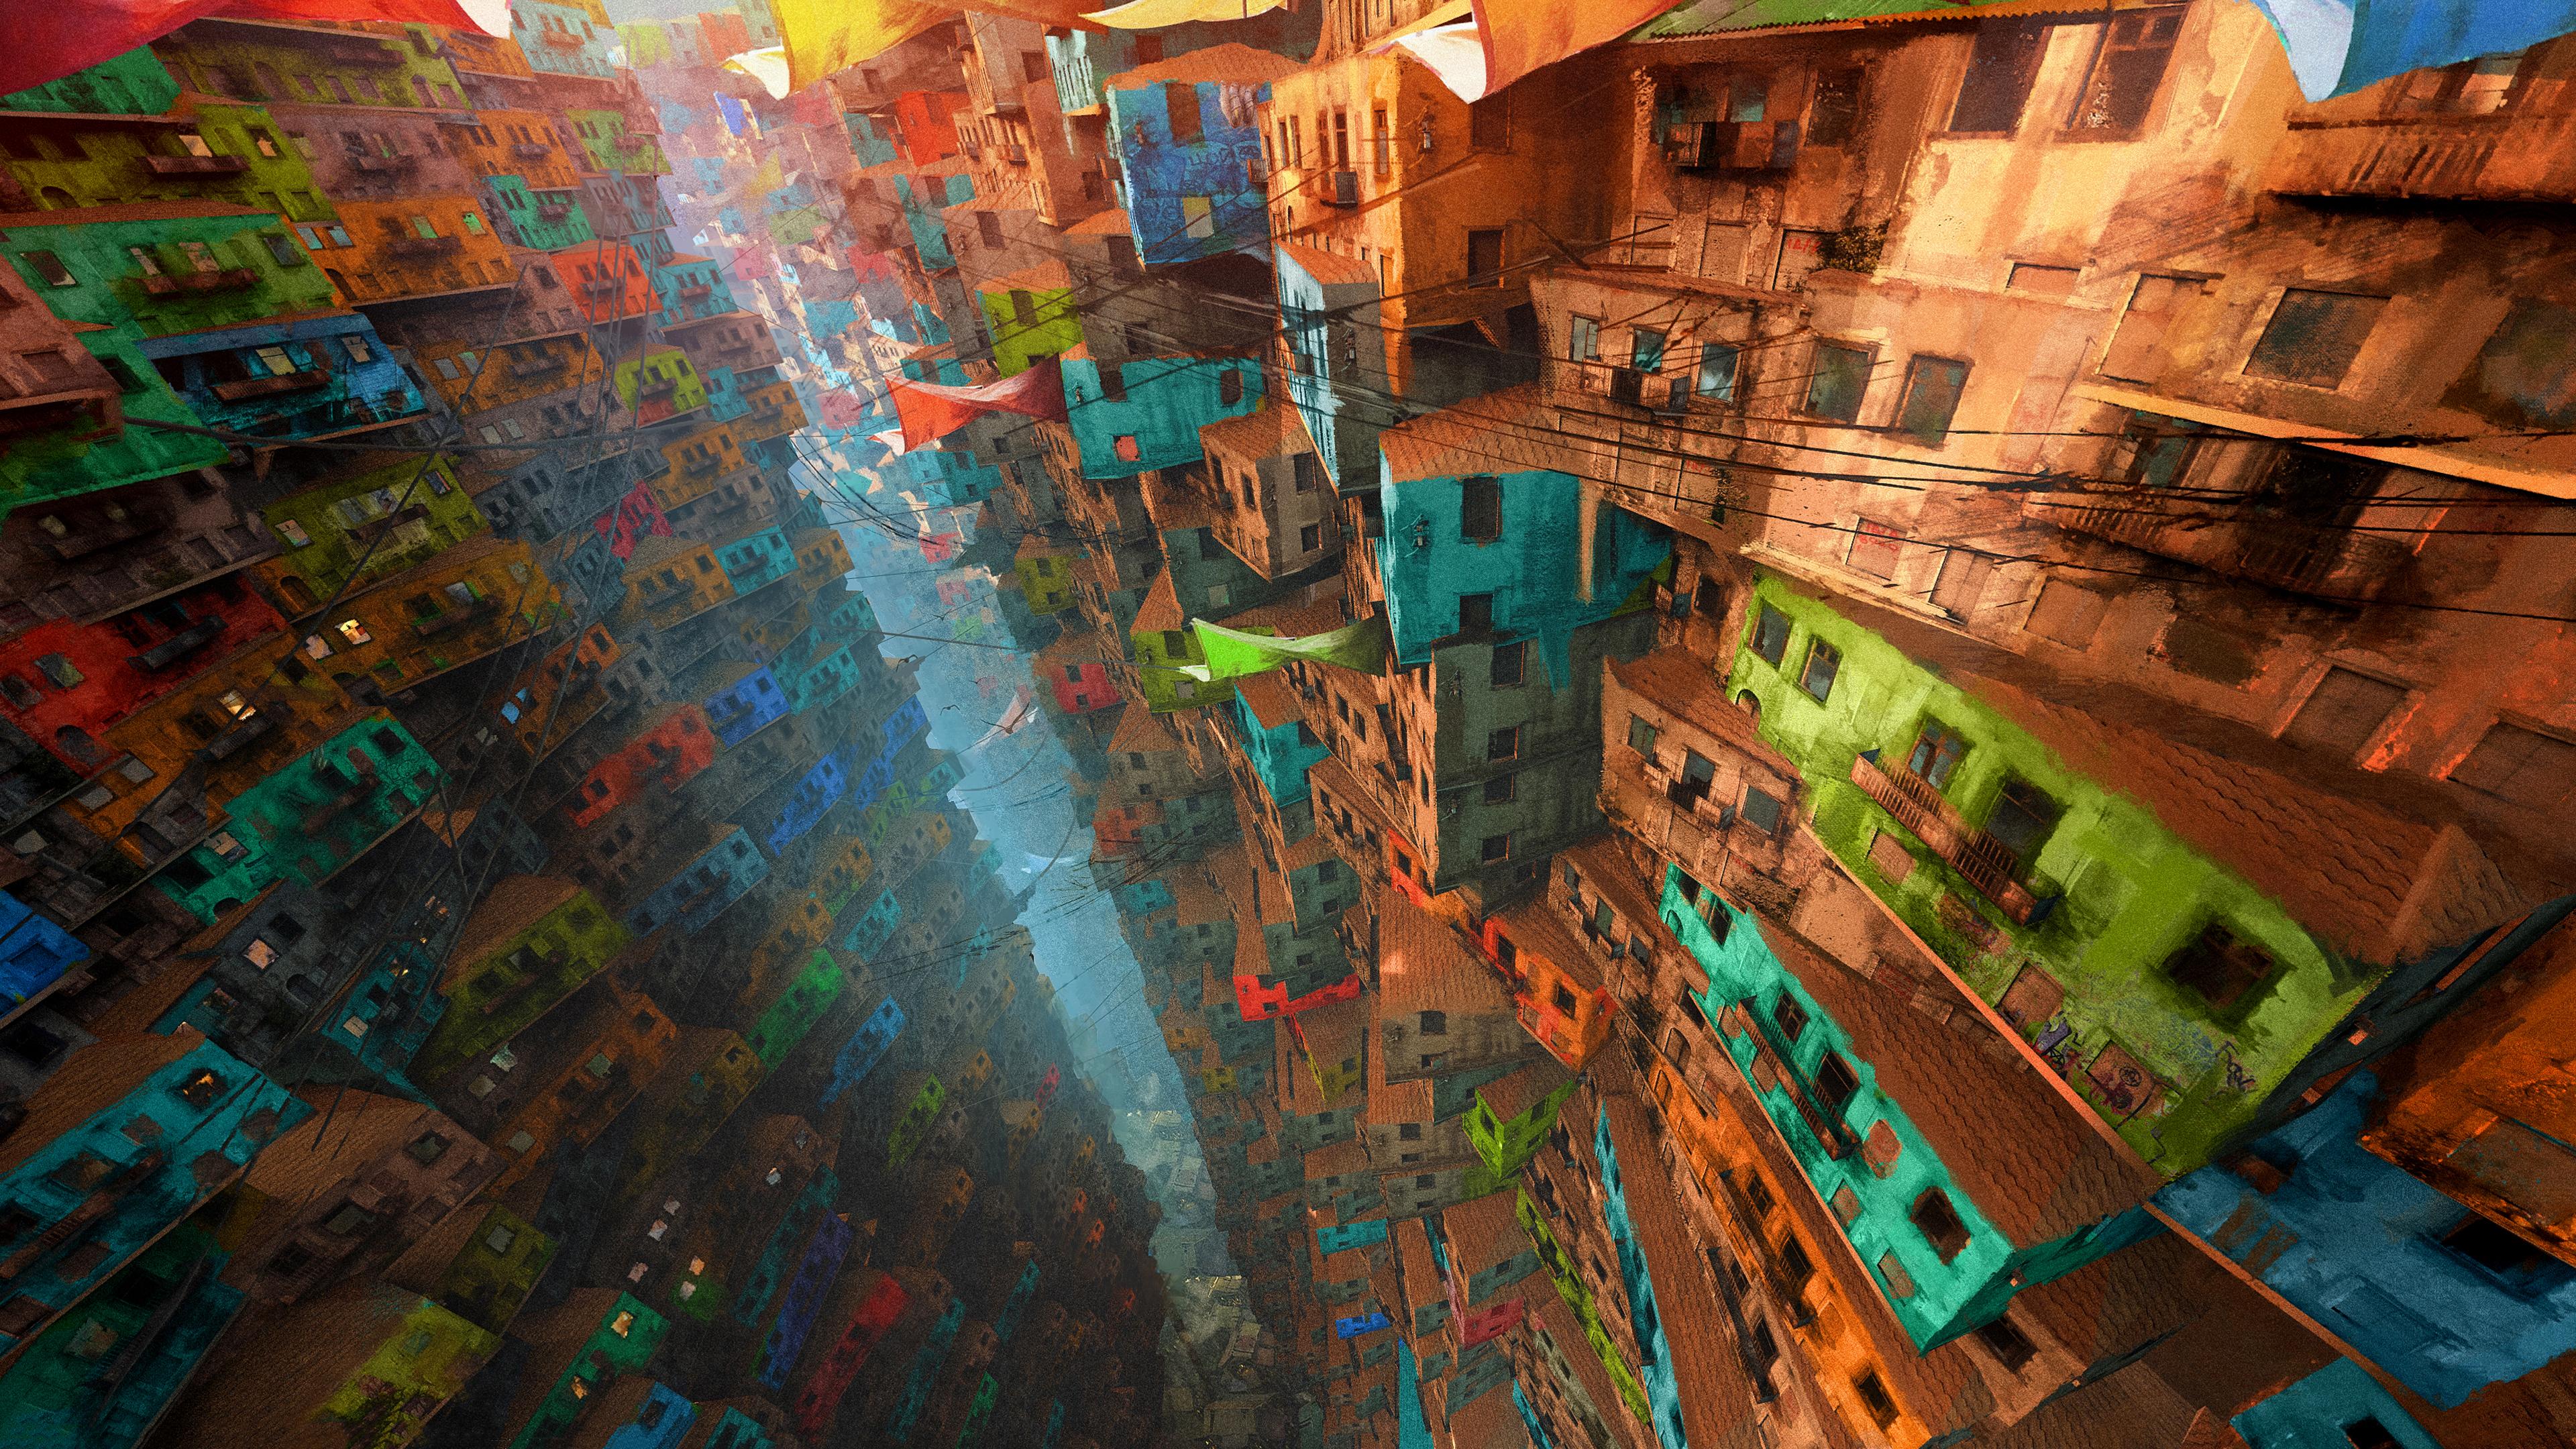 3840x2160 Vertical Village 4k 4k HD 4k Wallpapers, Images ...